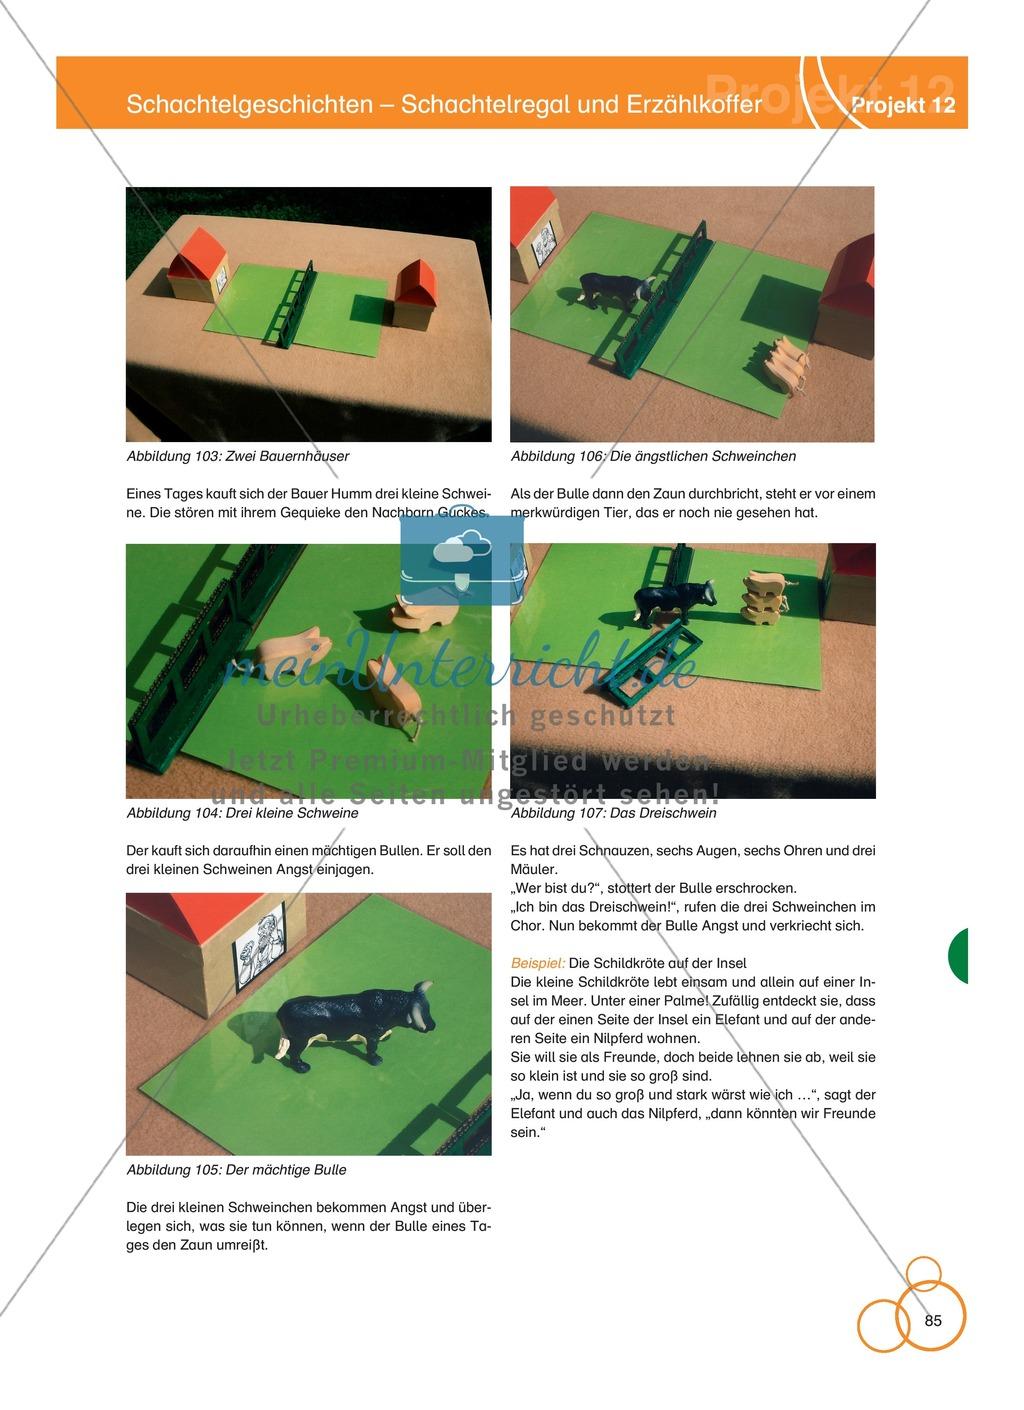 Projekt 12: Schachtelgeschichten - Schachtelregal und Erzählkoffer Preview 6